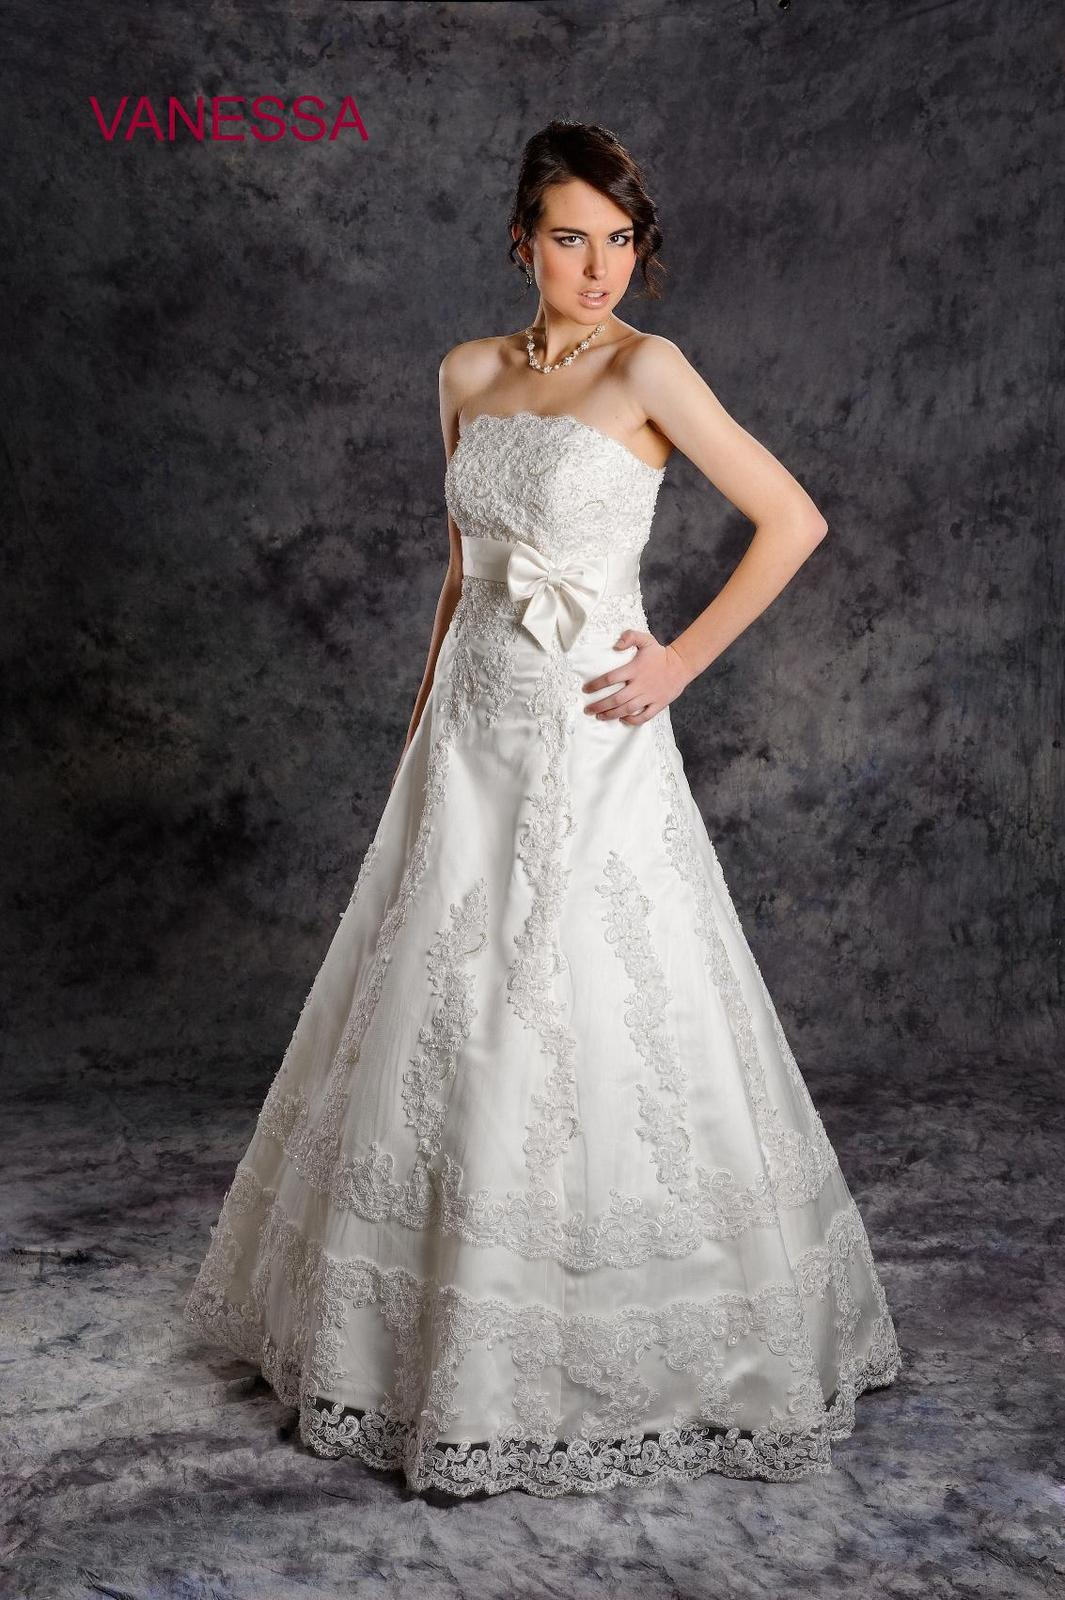 Svadobné šaty Vanessa, jediný kus vo výpredaji - Obrázok č. 1